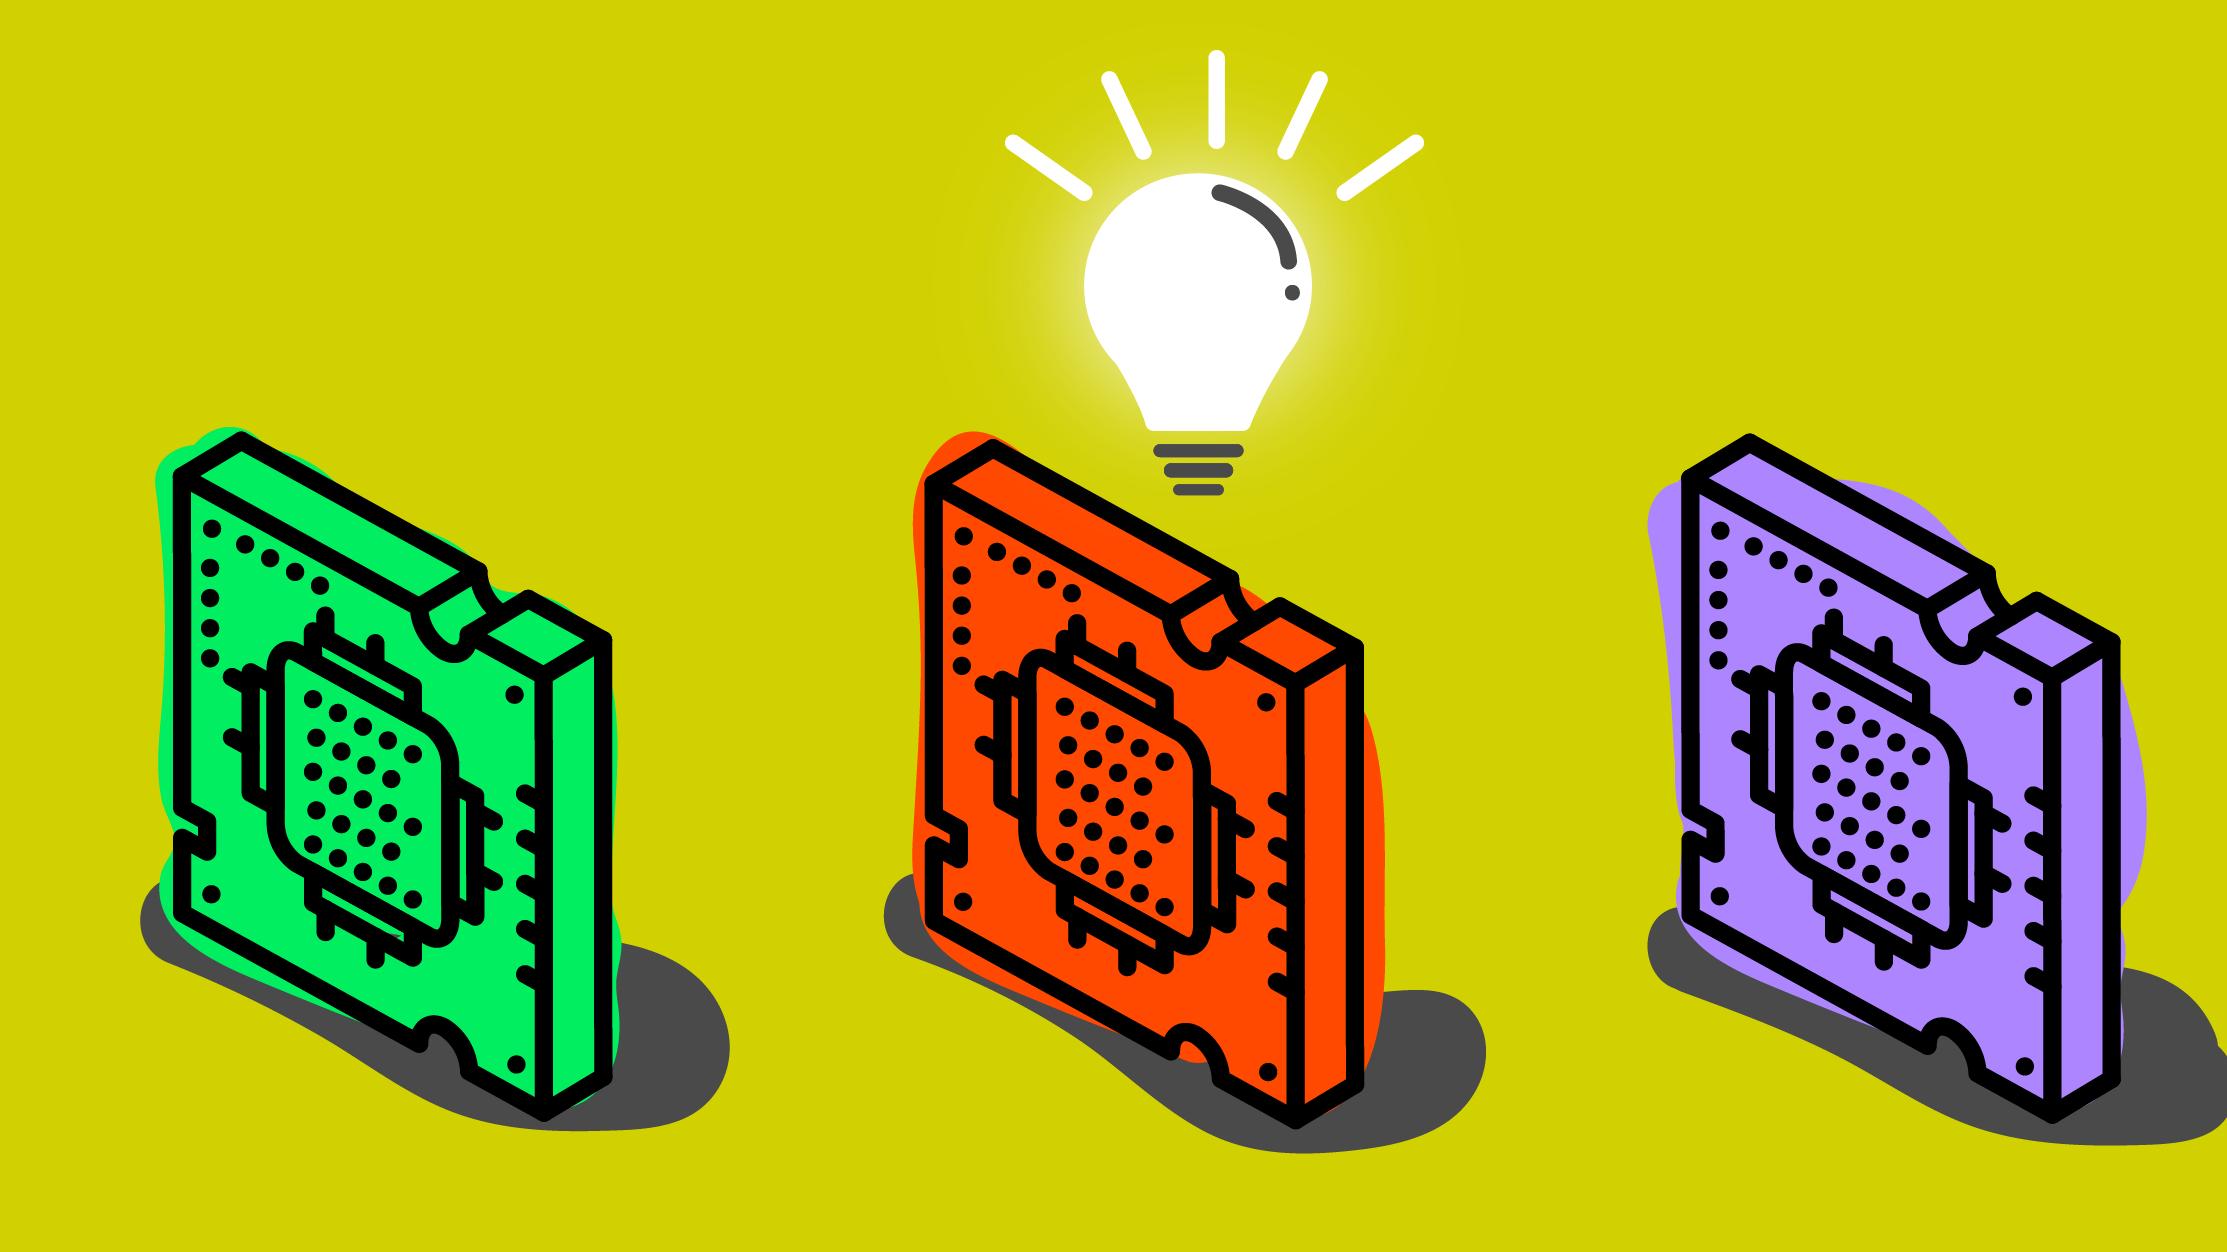 AIチップ開発競争に新局面、光学チップに賭けるスタートアップ